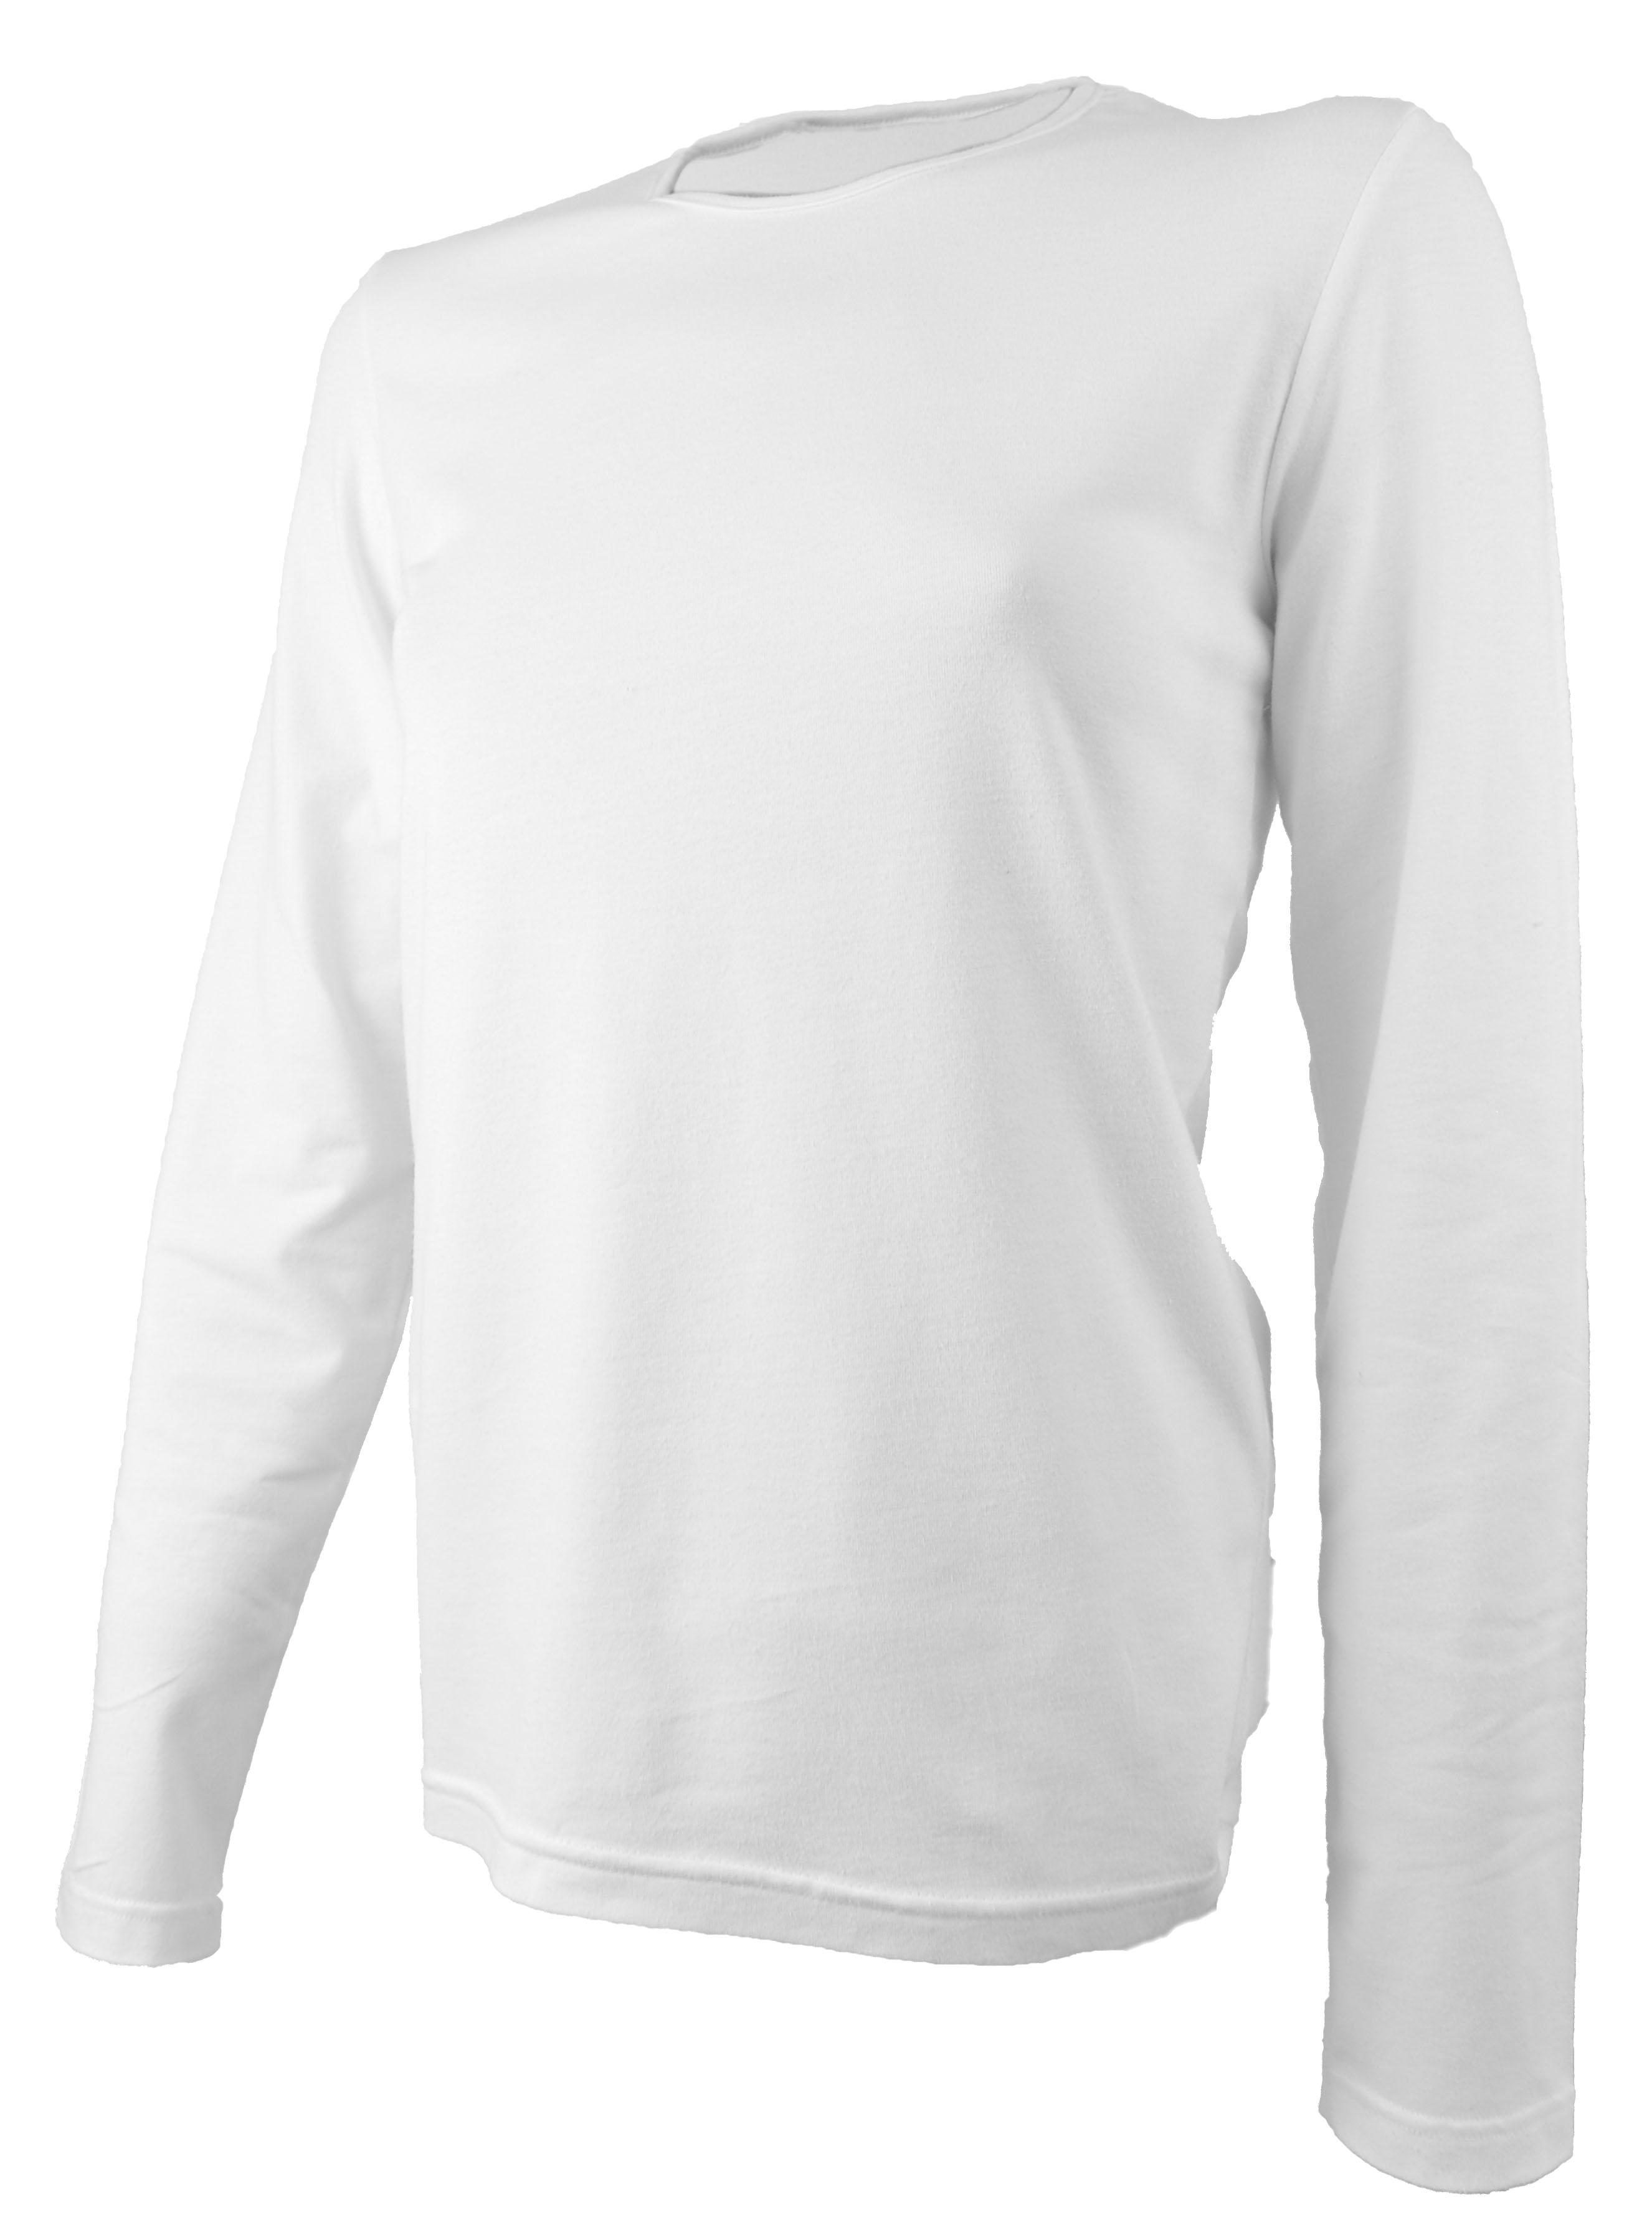 Majica bijela ženska T-shirt